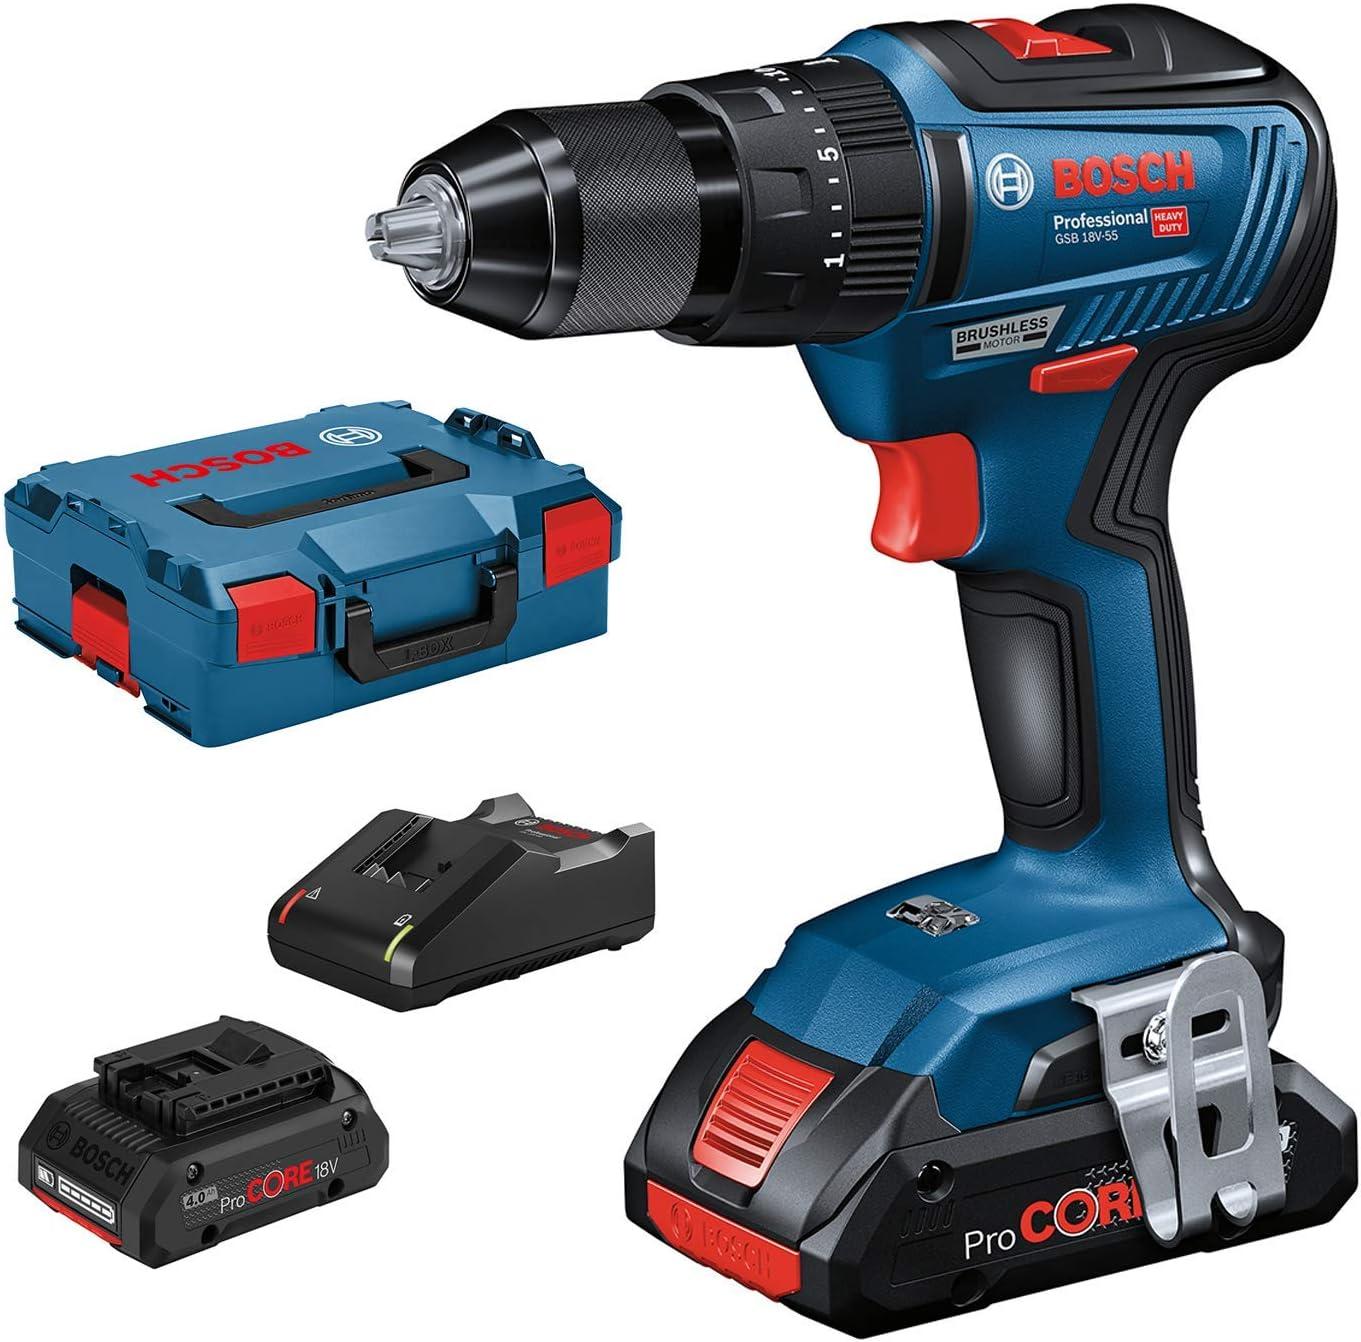 Bosch Professional 06019H5304 GSB 18V-55-Taladro percutor (2 baterías ProCore x 4.0 Ah, 18V, 55 NM, en L-BOXX), 18 V, Azul: Amazon.es: Bricolaje y herramientas